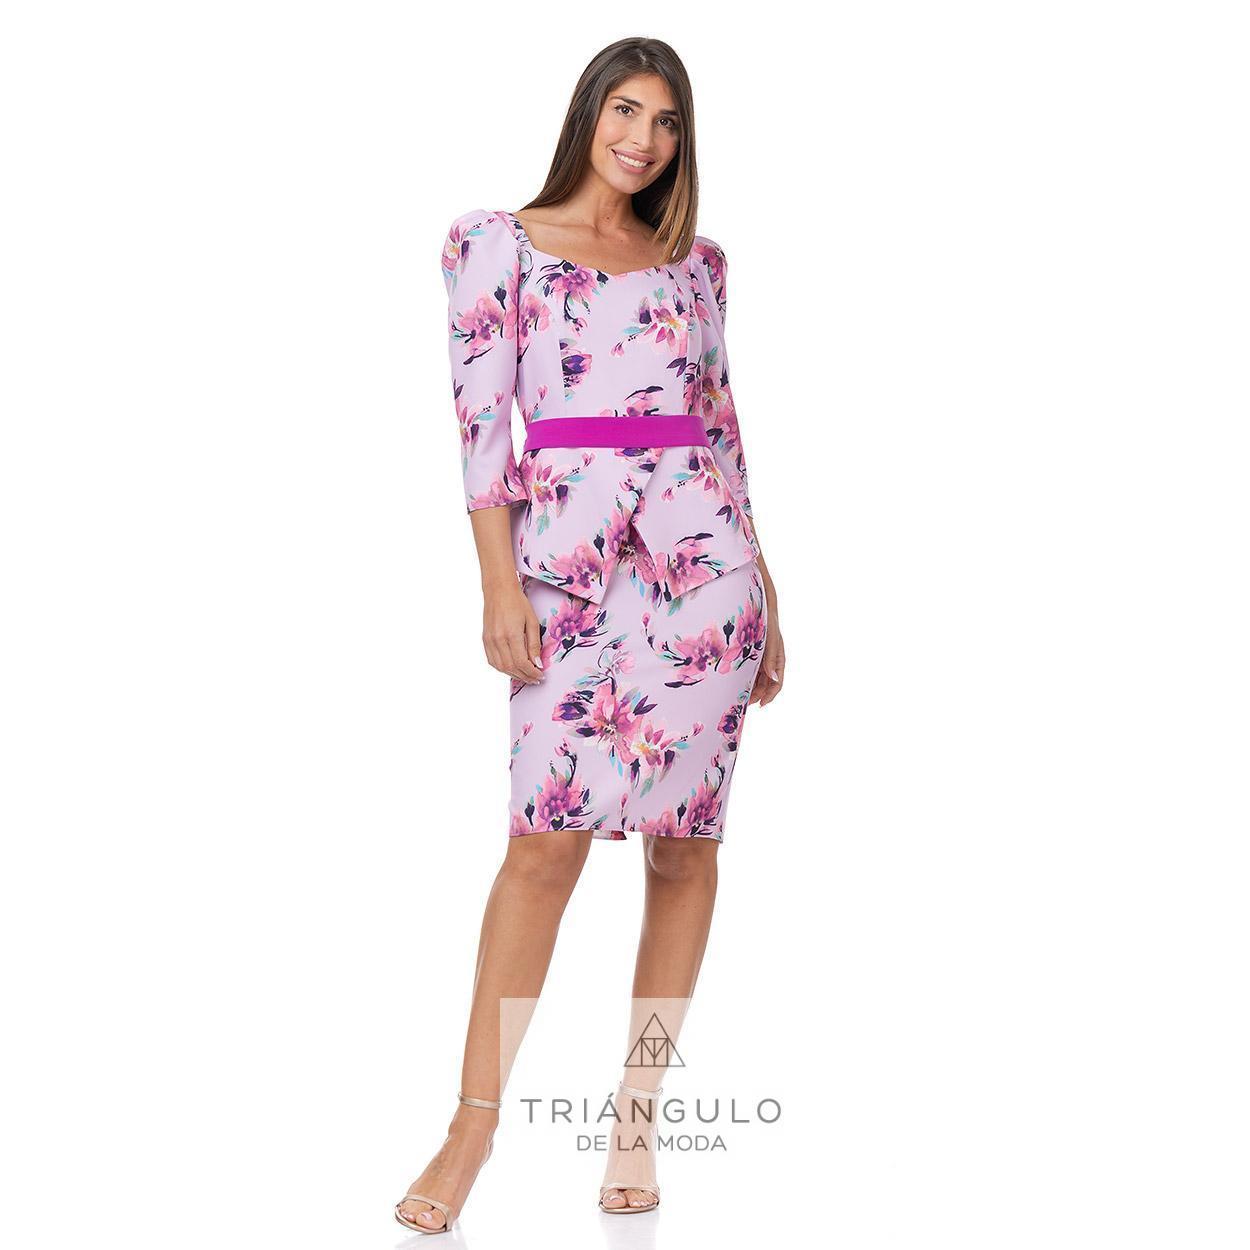 Tienda online del Triangulo de la Moda VESTIDO SORTH ESTAMPADO MANGAS